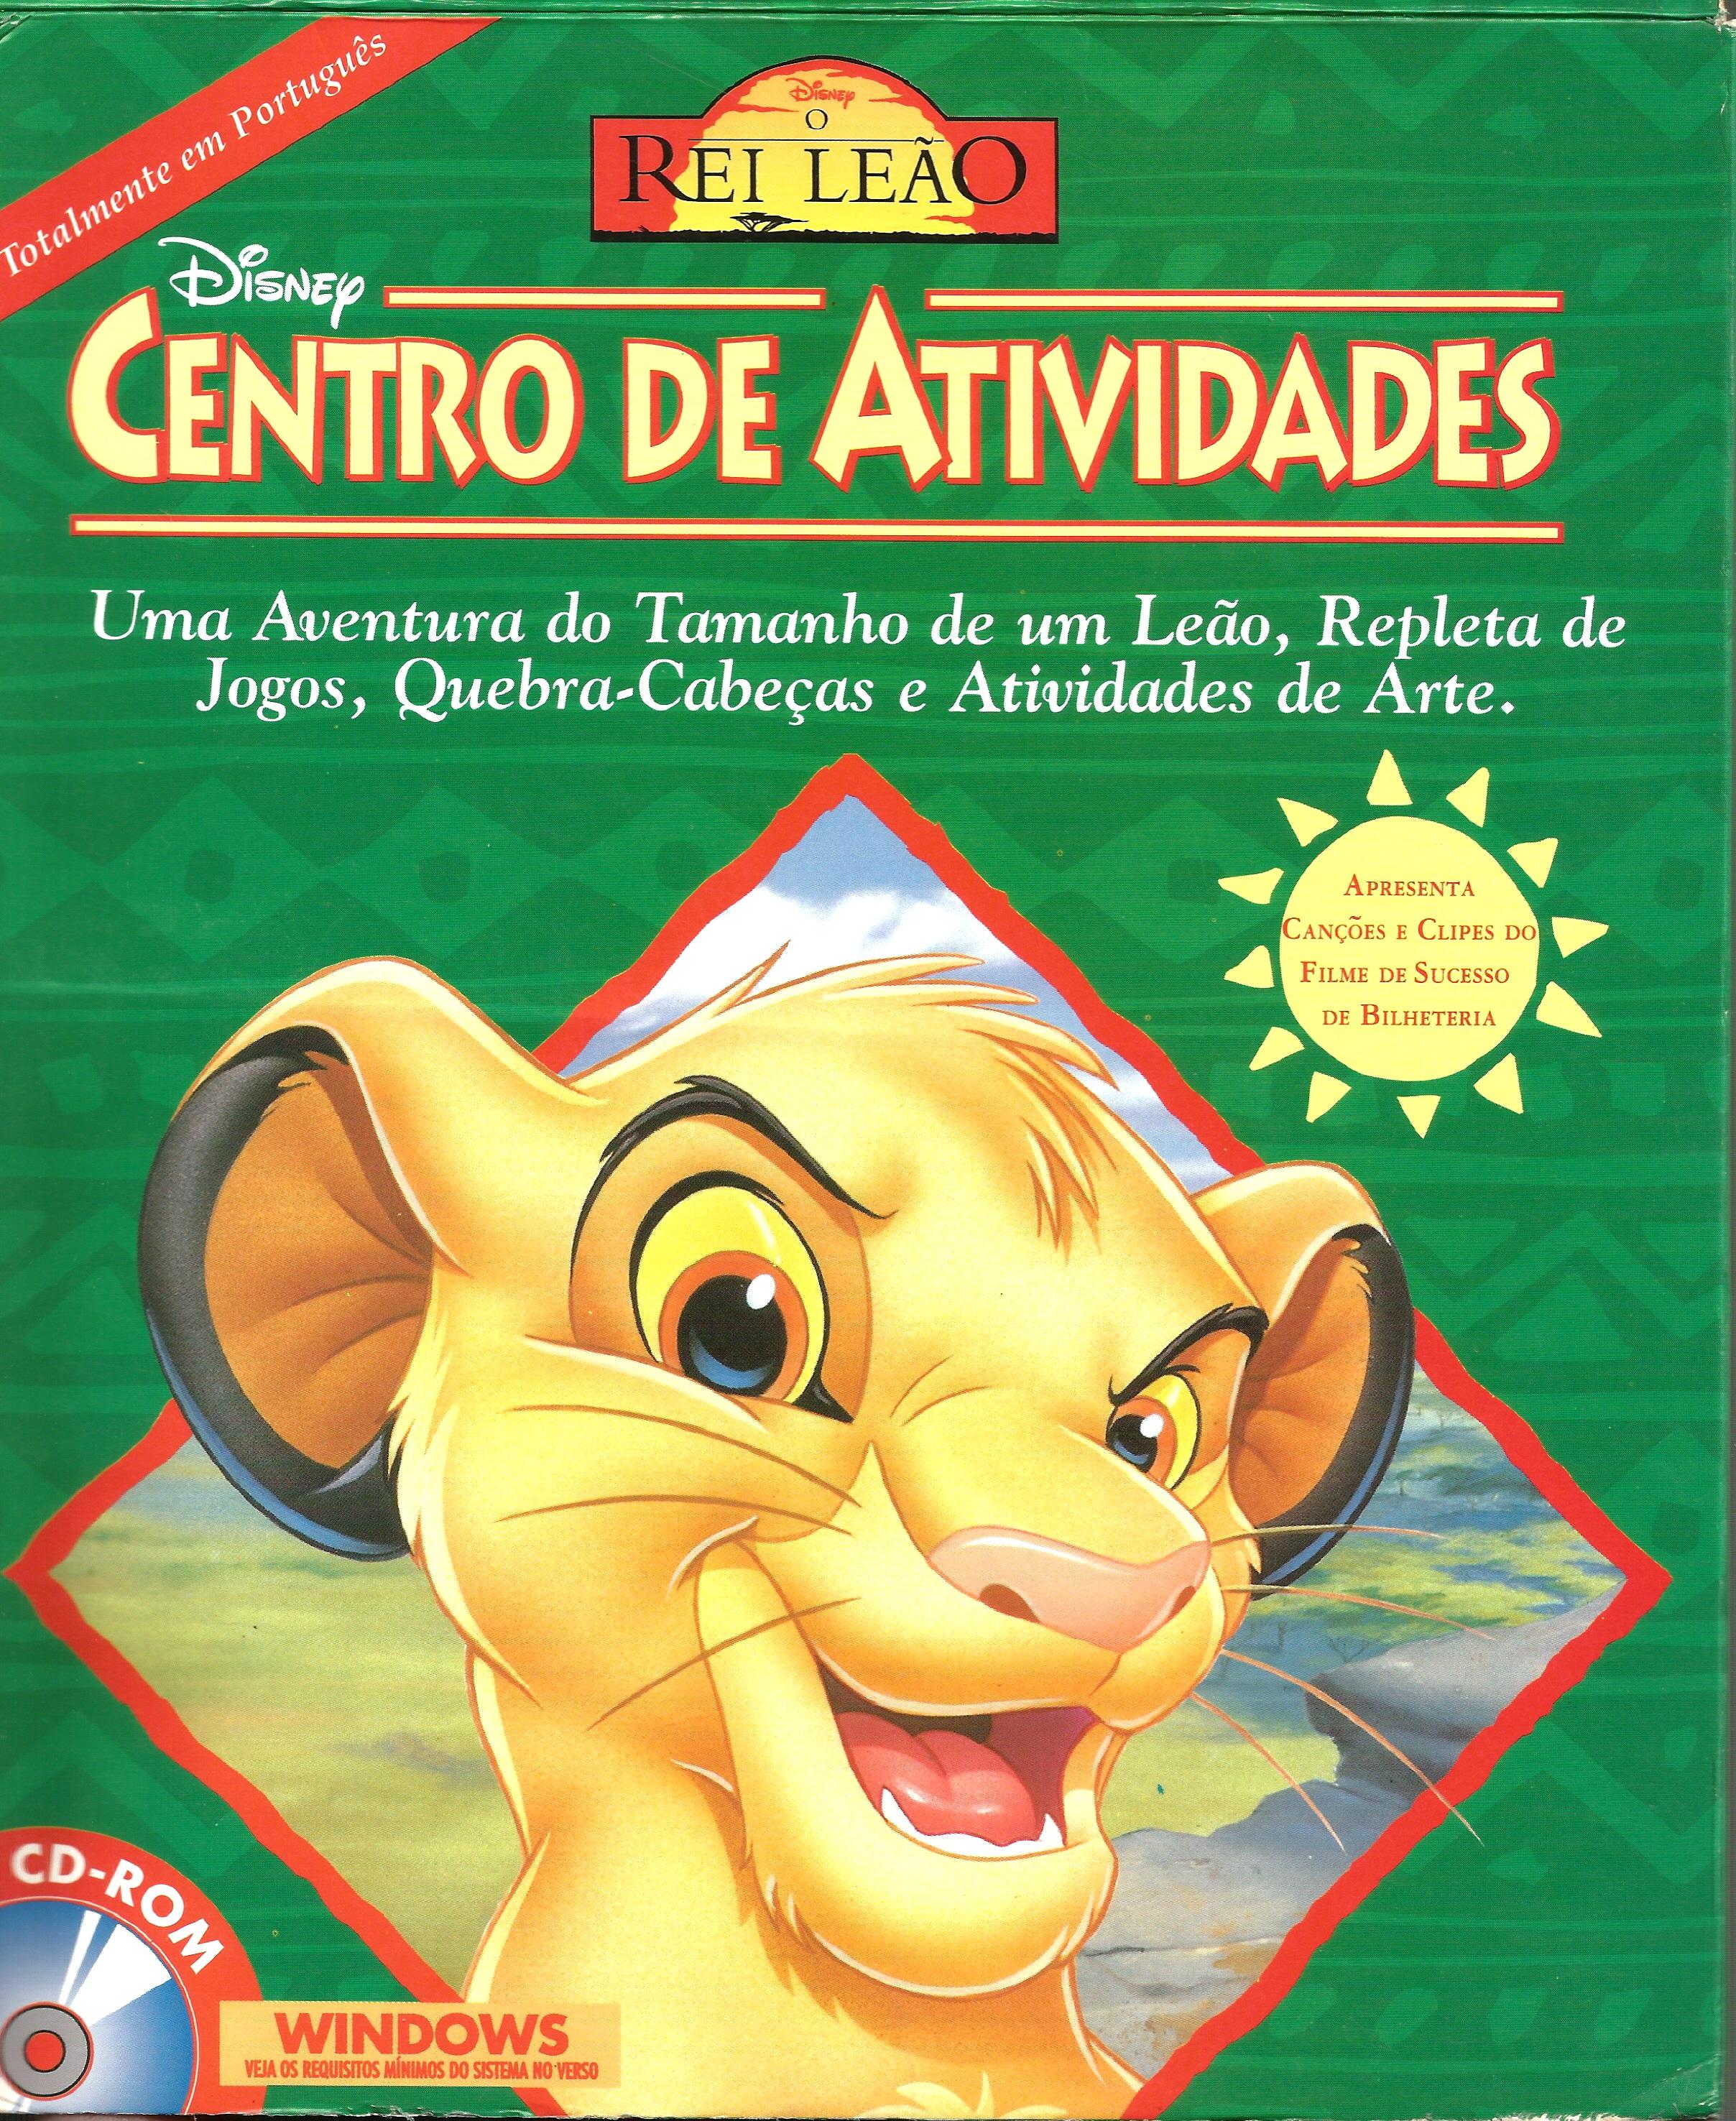 O Centro de Atividades do Rei Leão